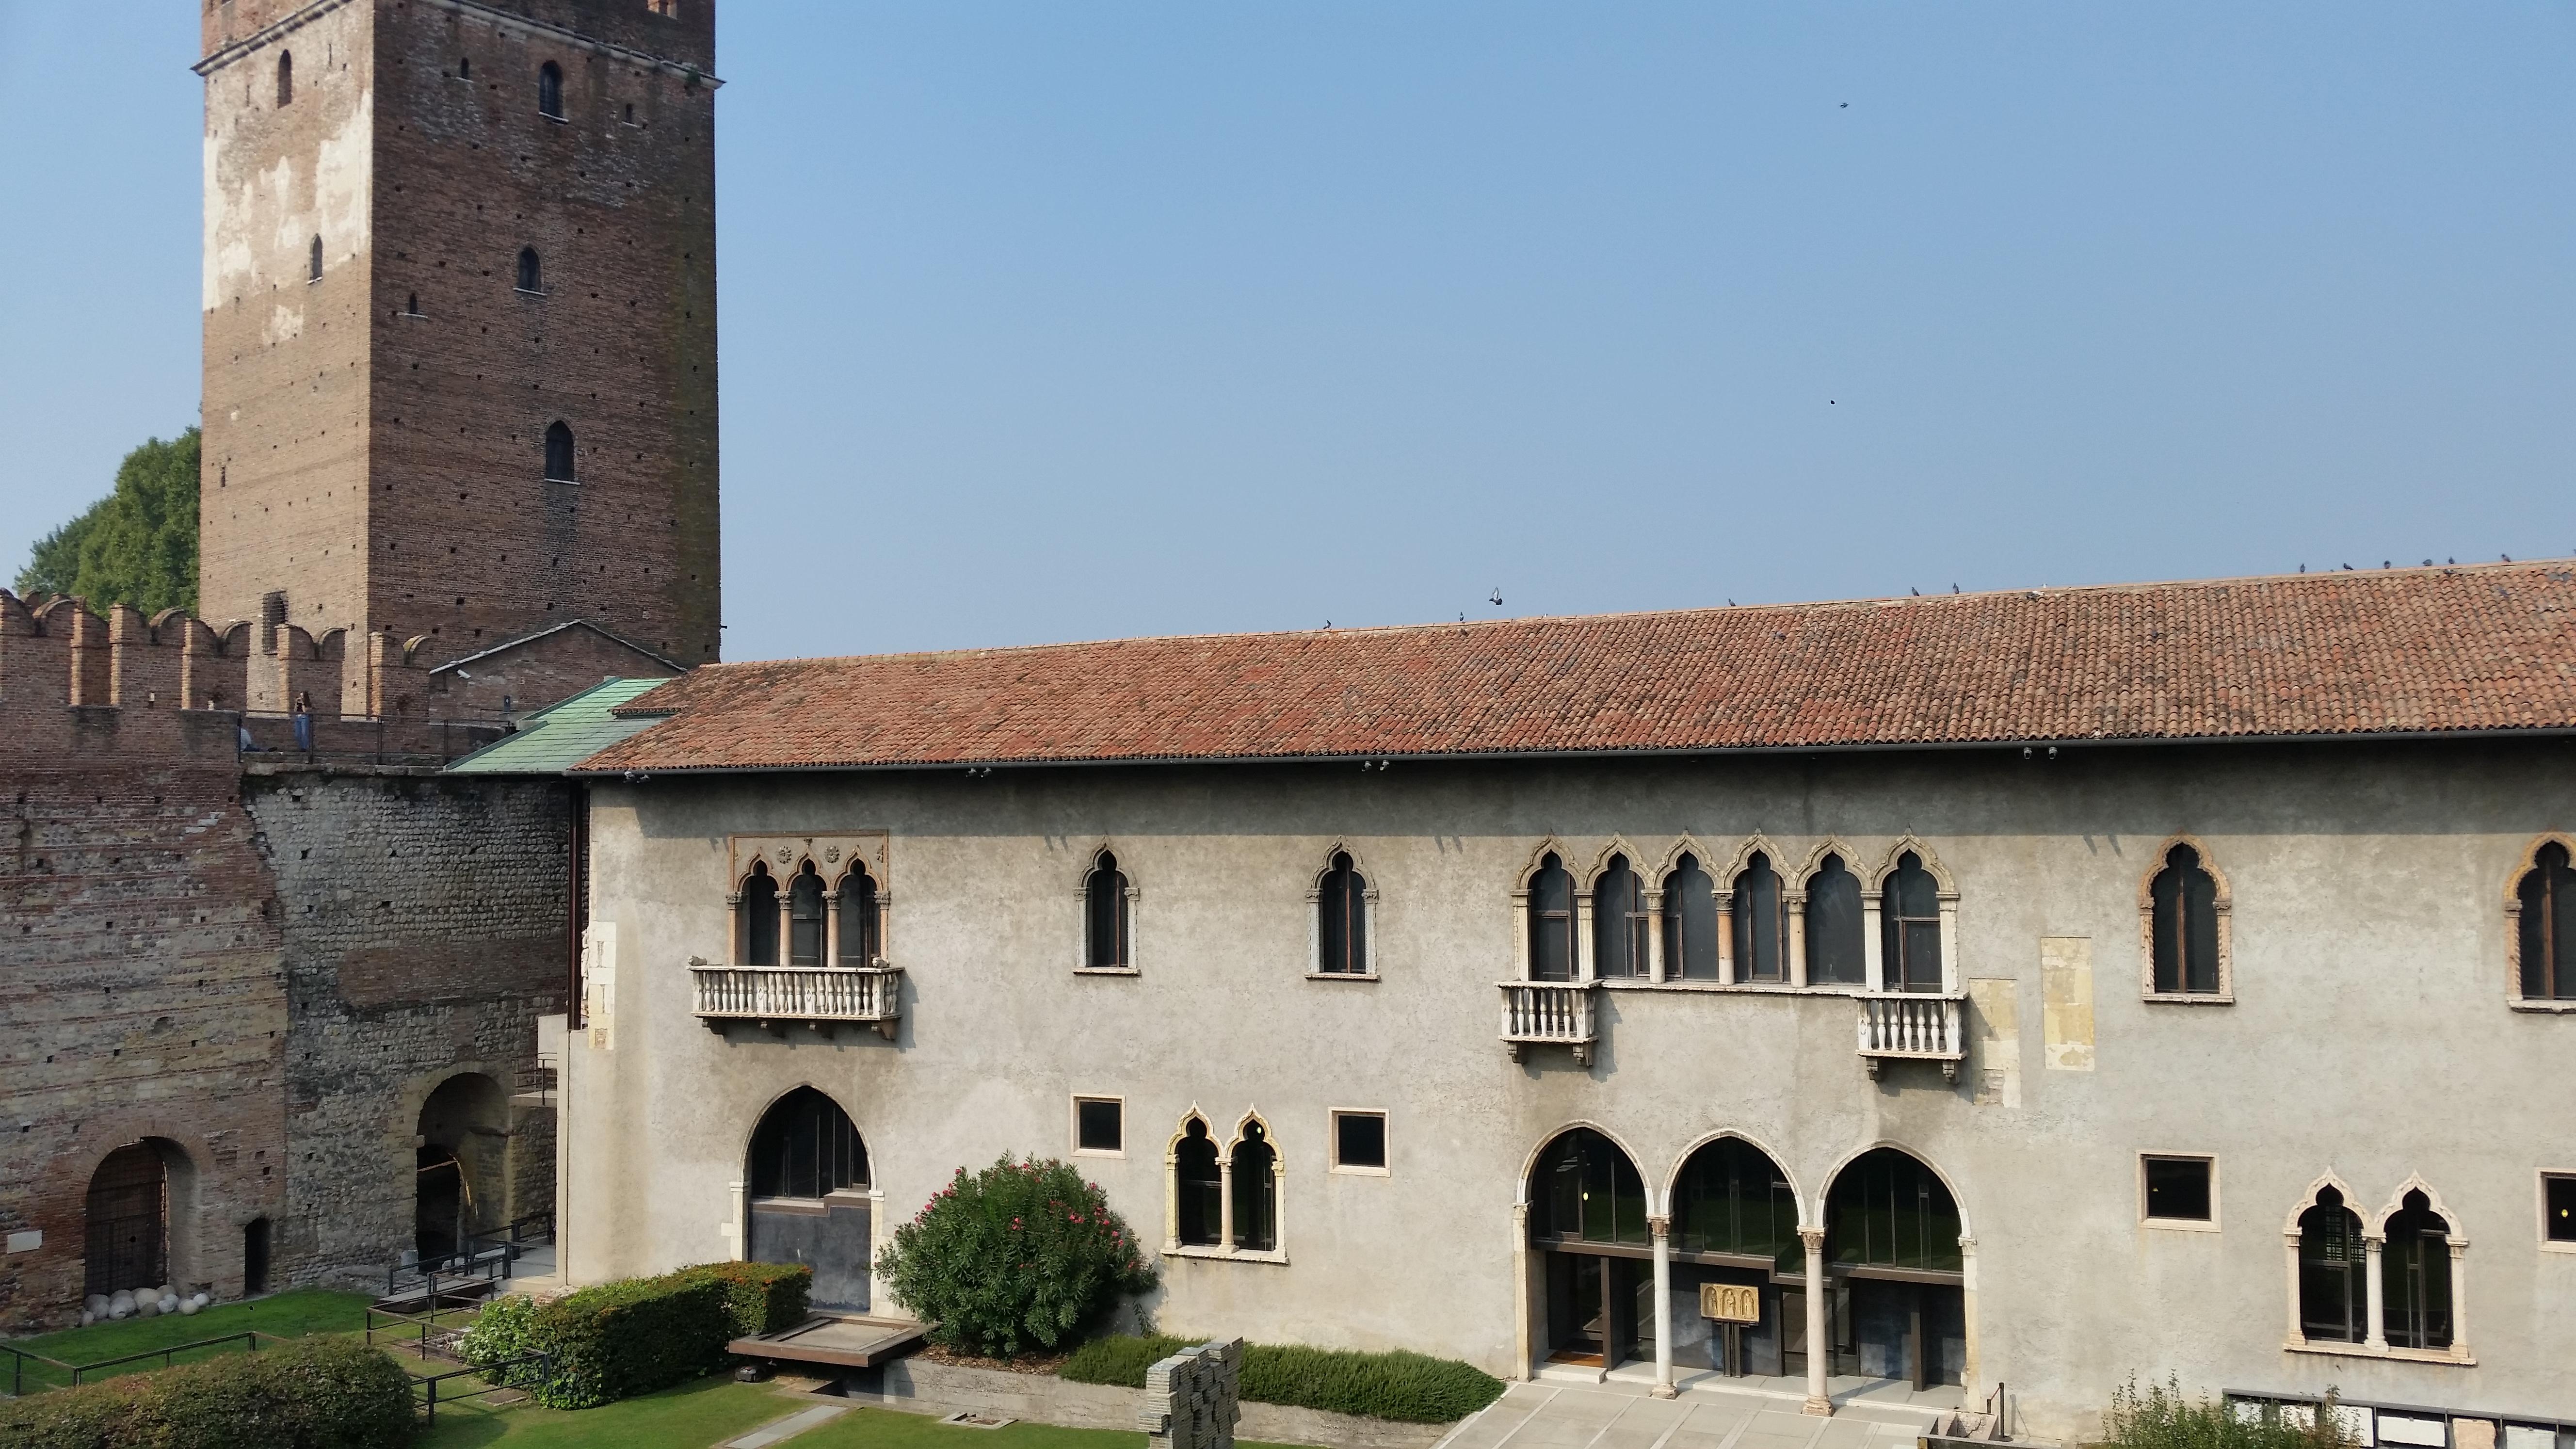 Museo Di Castelvecchio.File Museo Di Castelvecchio Verona 5 Jpg Wikimedia Commons